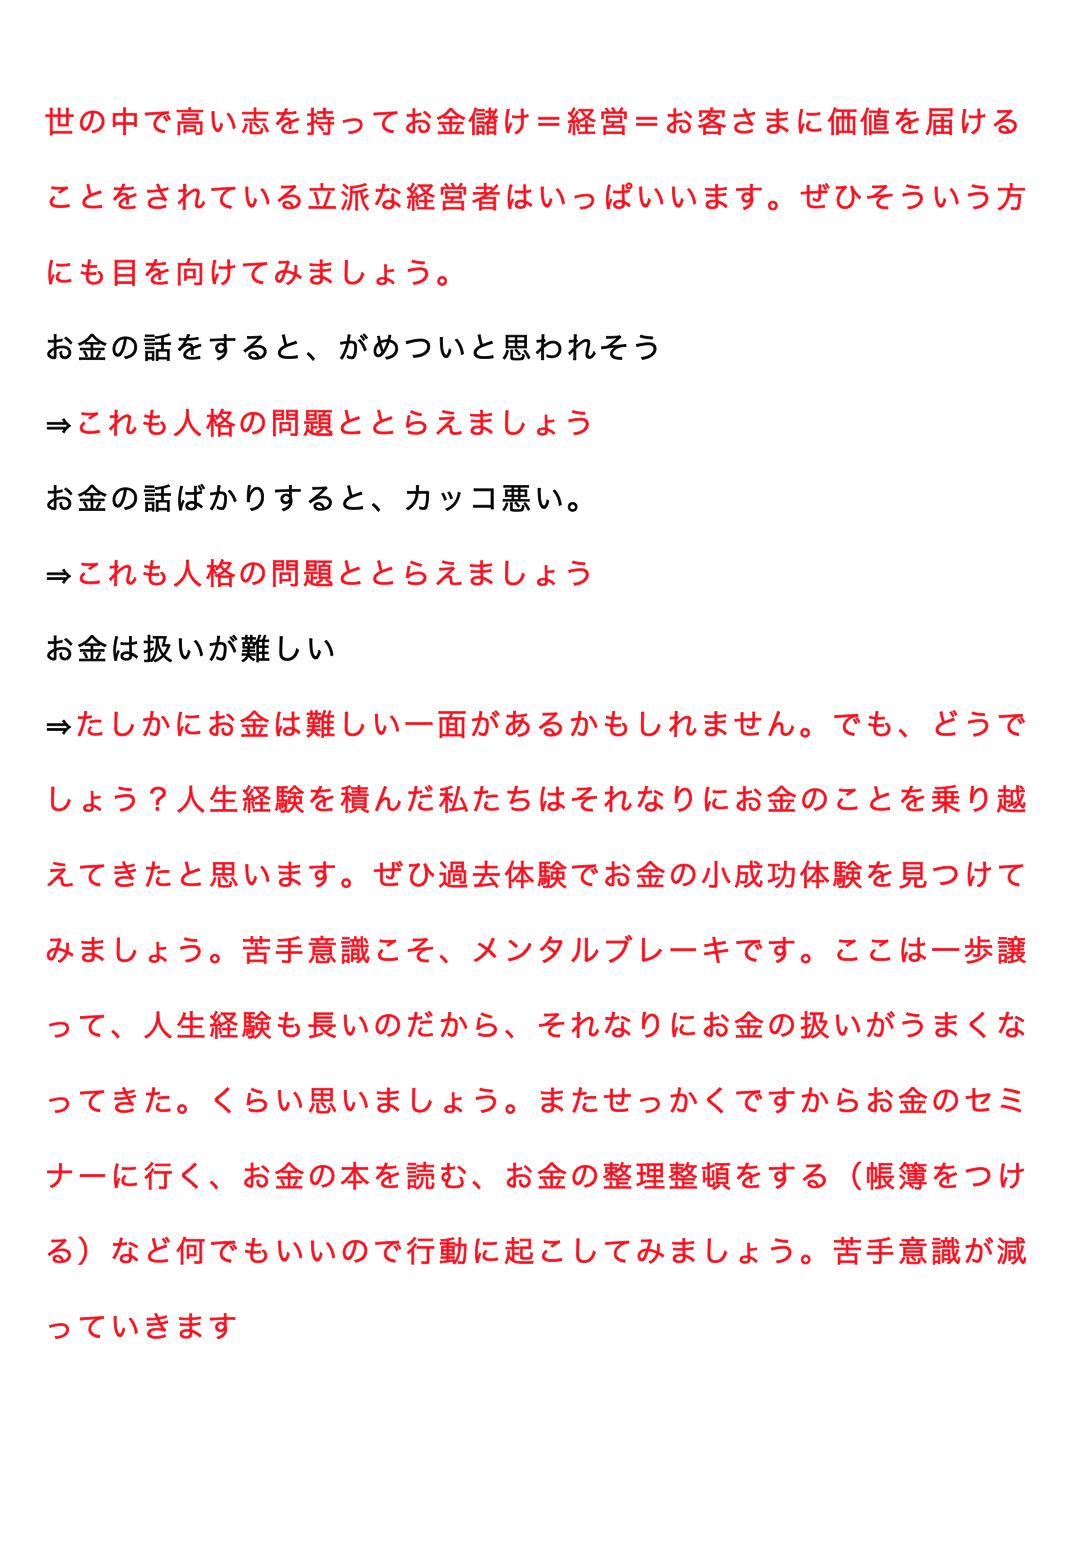 スクリーンショット 2015-11-17 0.22.56